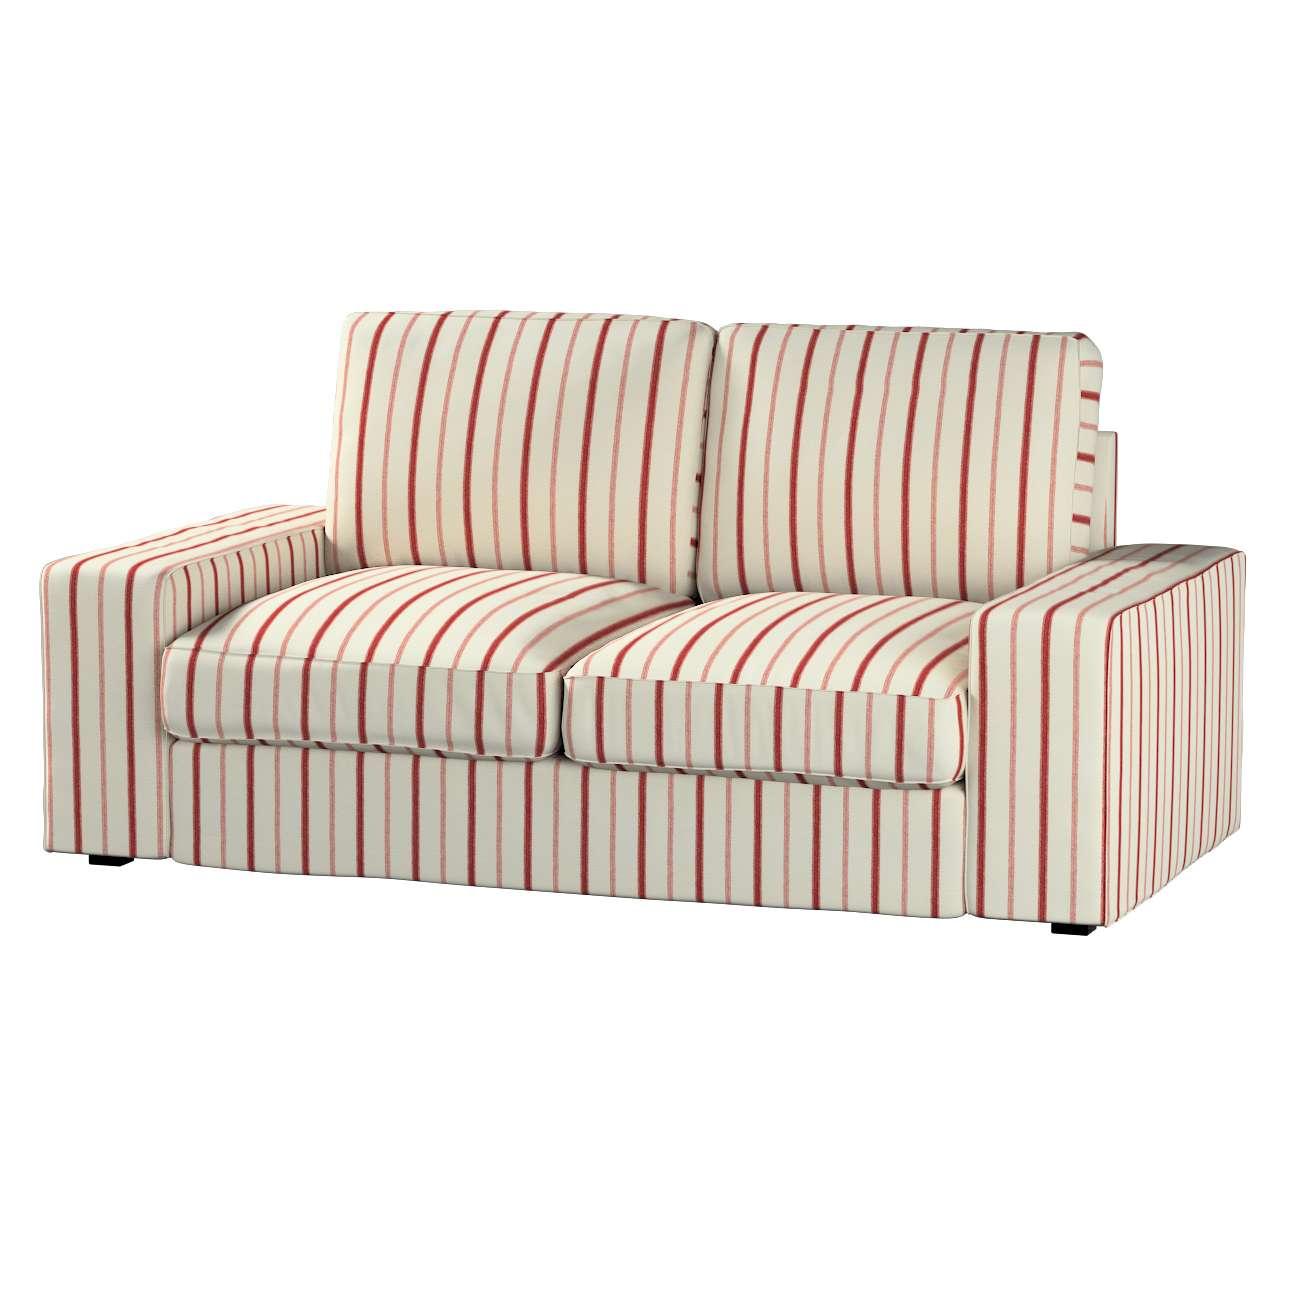 Pokrowiec na sofę Kivik 2-osobową, nierozkładaną Sofa Kivik 2-osobowa w kolekcji Avinon, tkanina: 129-15